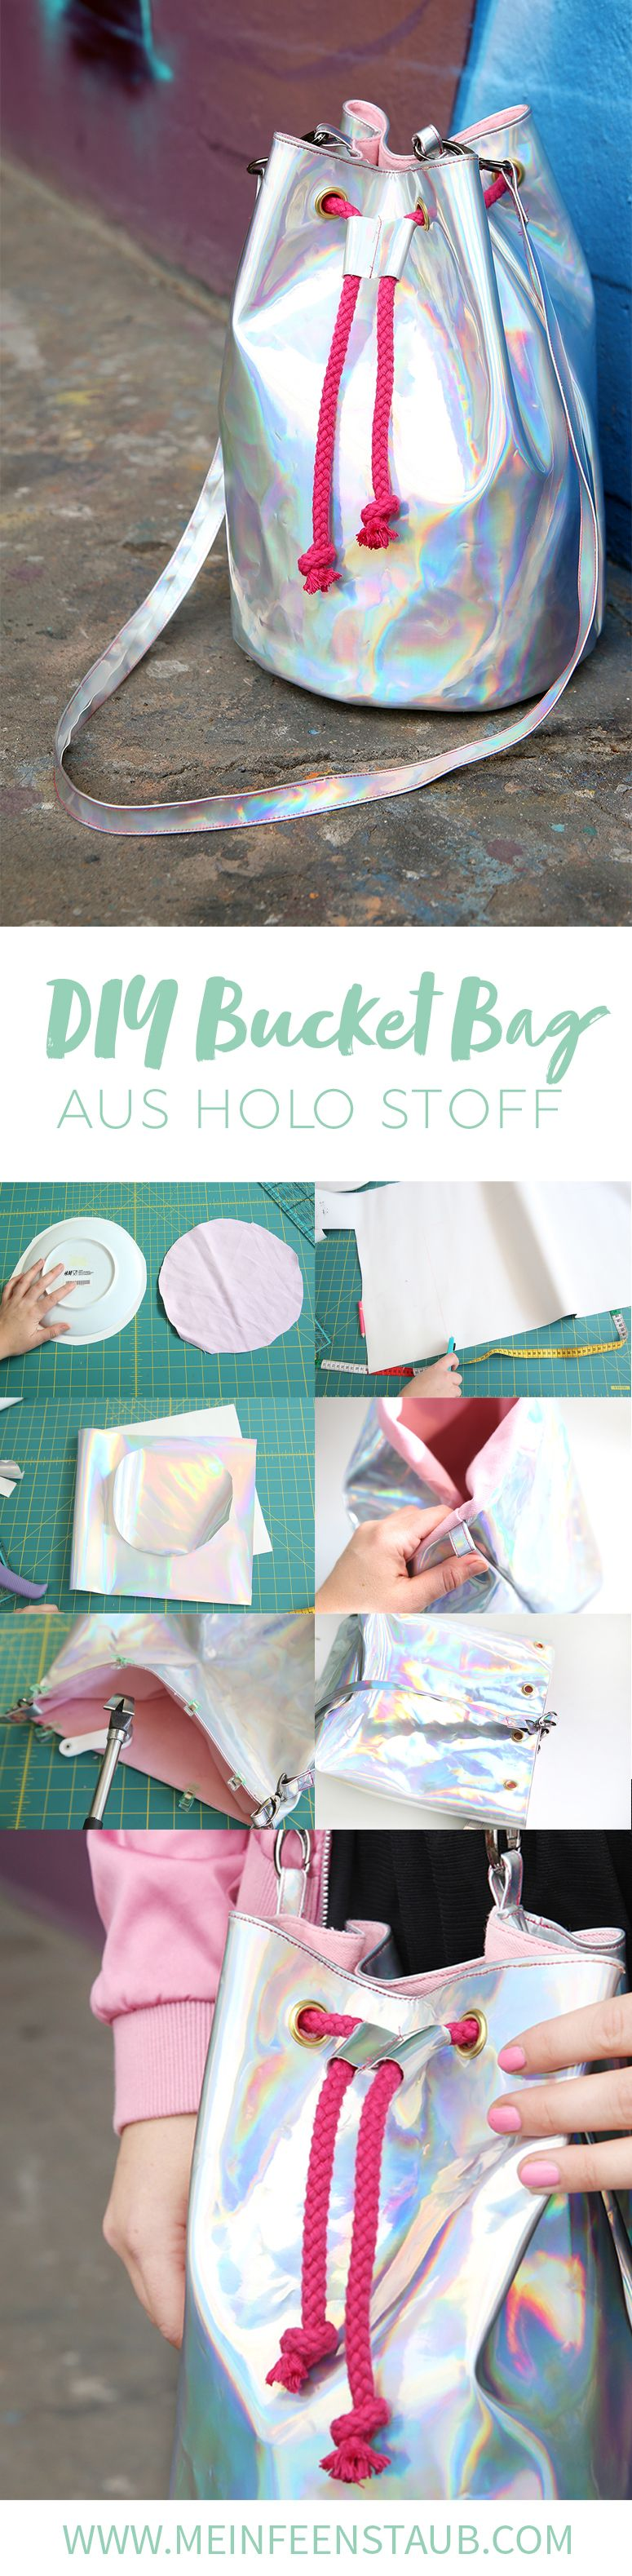 naehdirwas 8} Galaktische Bucket Bag nähen | Bucket bag, Futter und ...